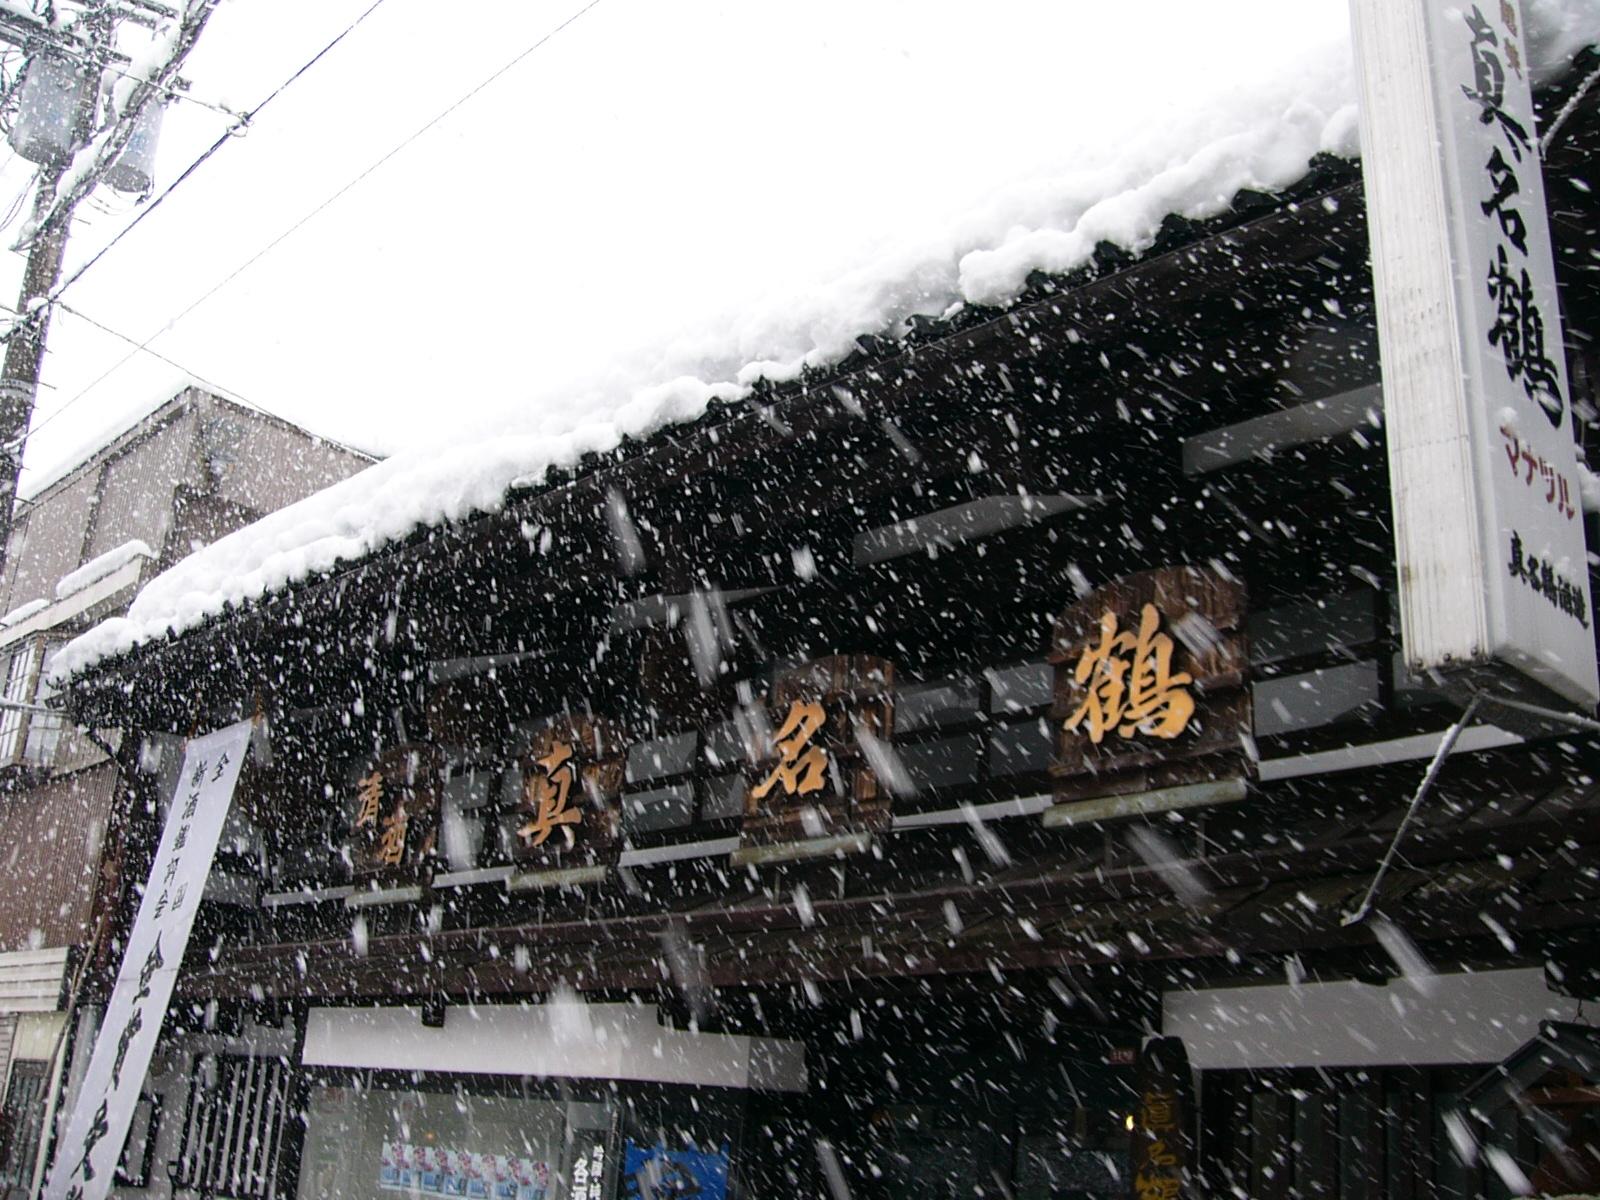 アイキャッチ:江戸時代中期から続く老舗の蔵元「真名鶴酒造」が提案する新しい …